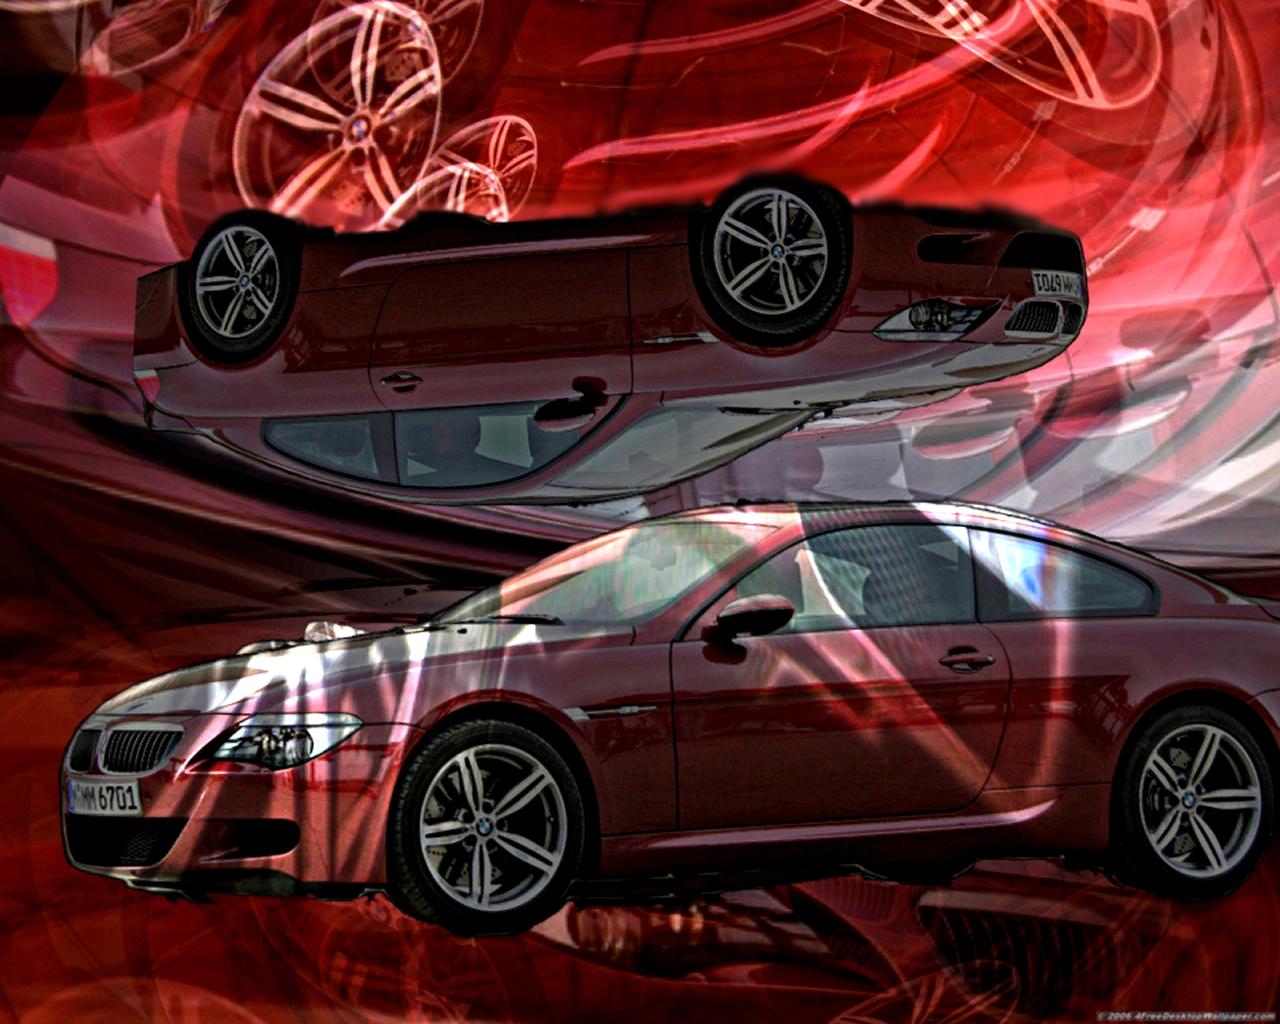 cars news images: bmw car wallpaper for desktop